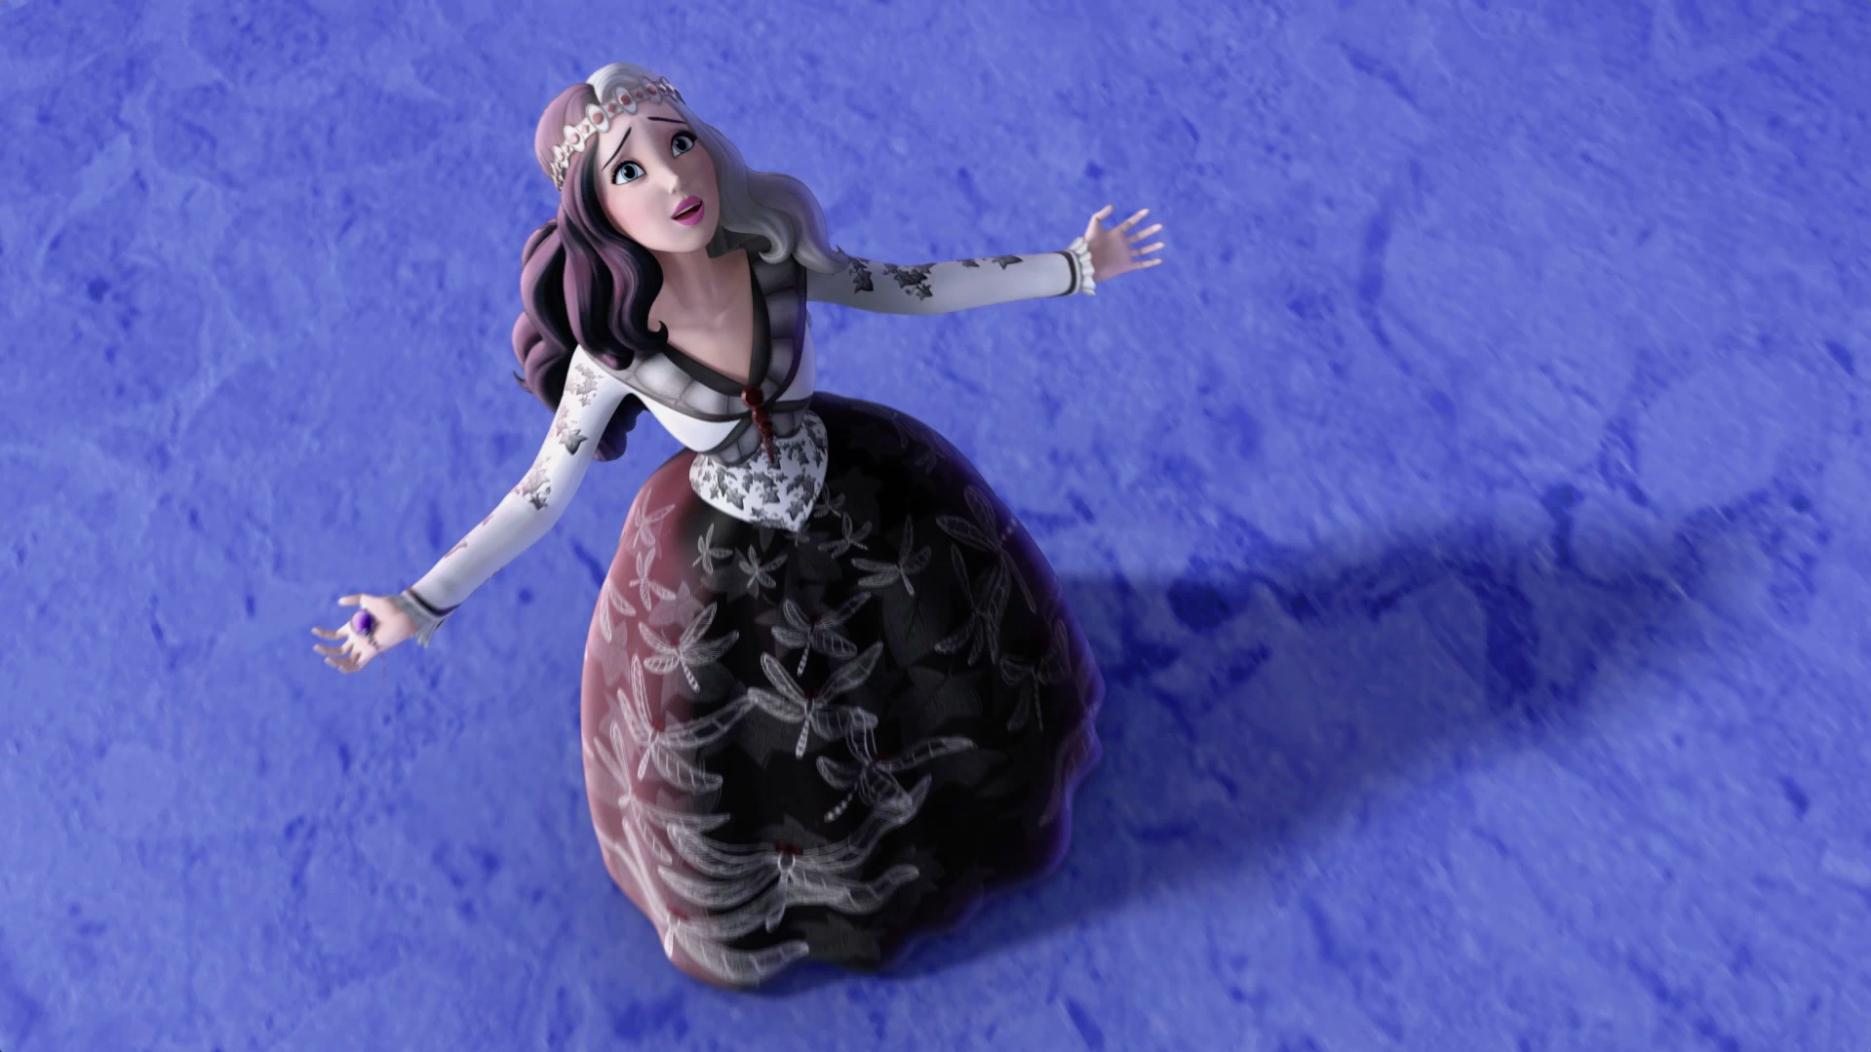 Un reino sin color - Princesita Sofía - Soy una princesa